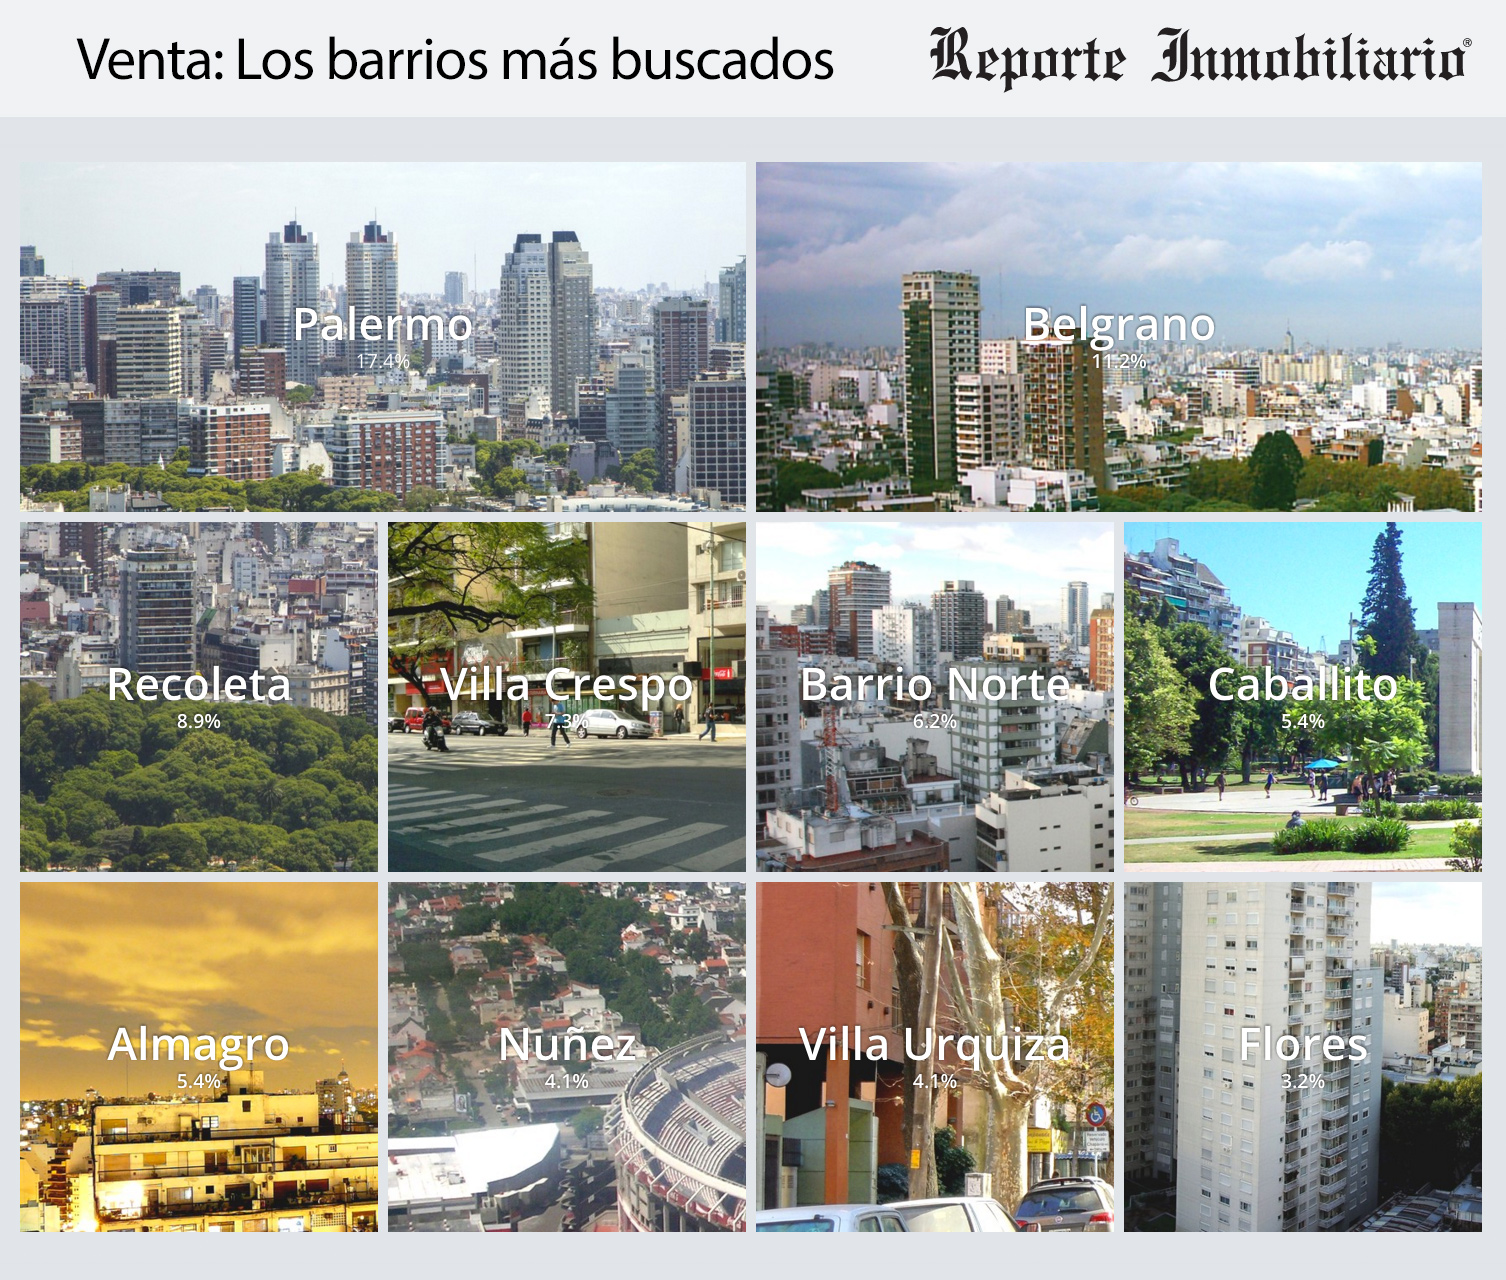 Resumen 2015 - Los barrios mas buscados para Venta